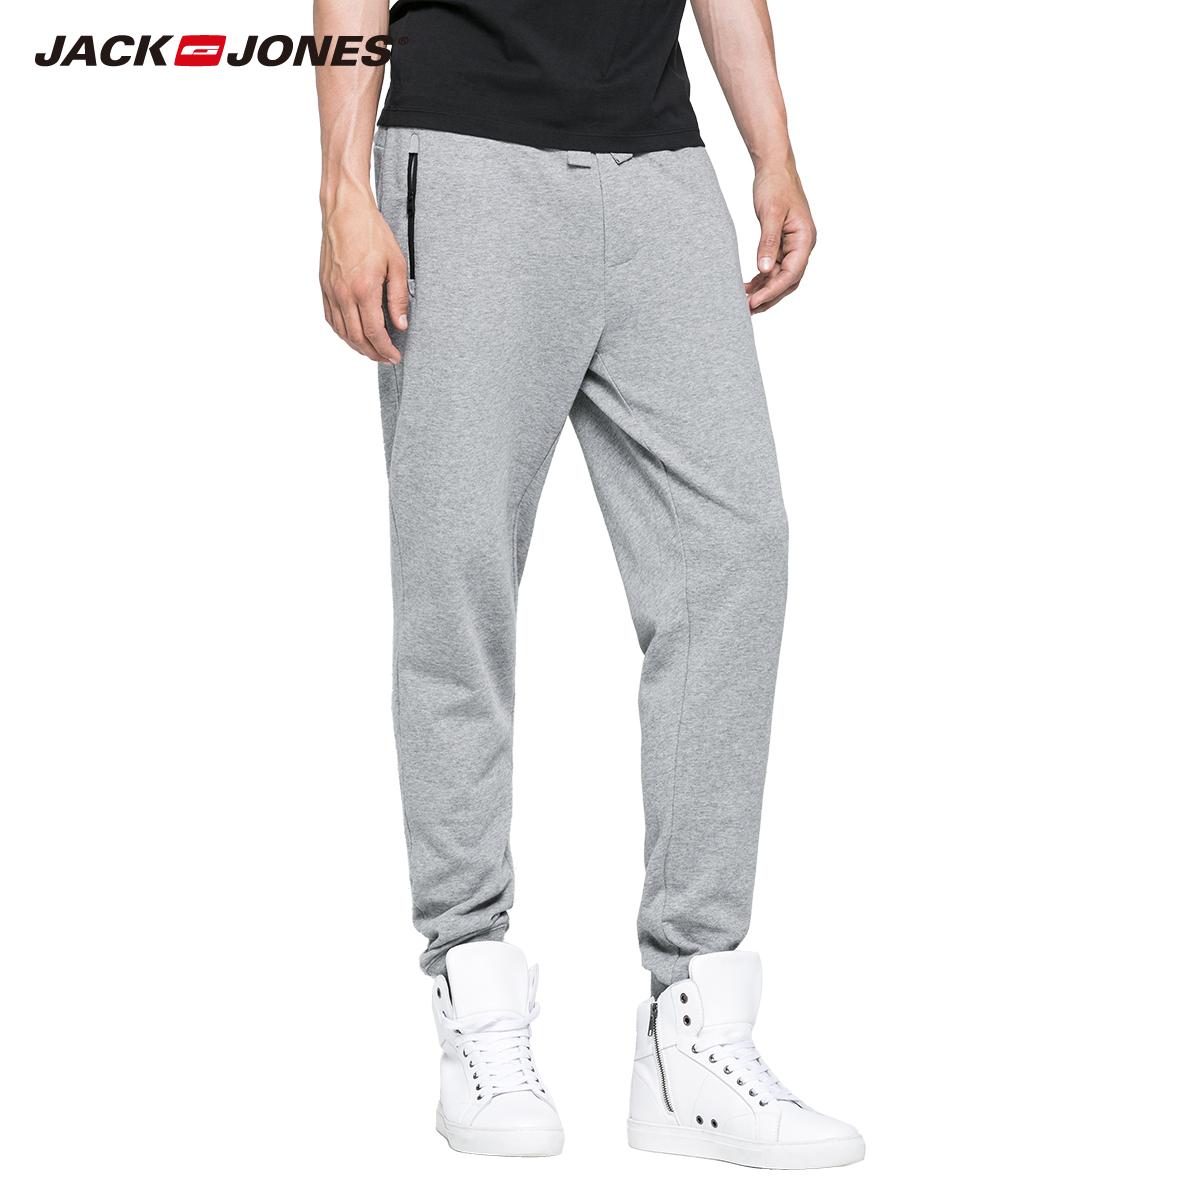 Vĩnh viễn off jack jones 16 mới thời trang bông người đàn ông chùm chân quần quần c | 215314022